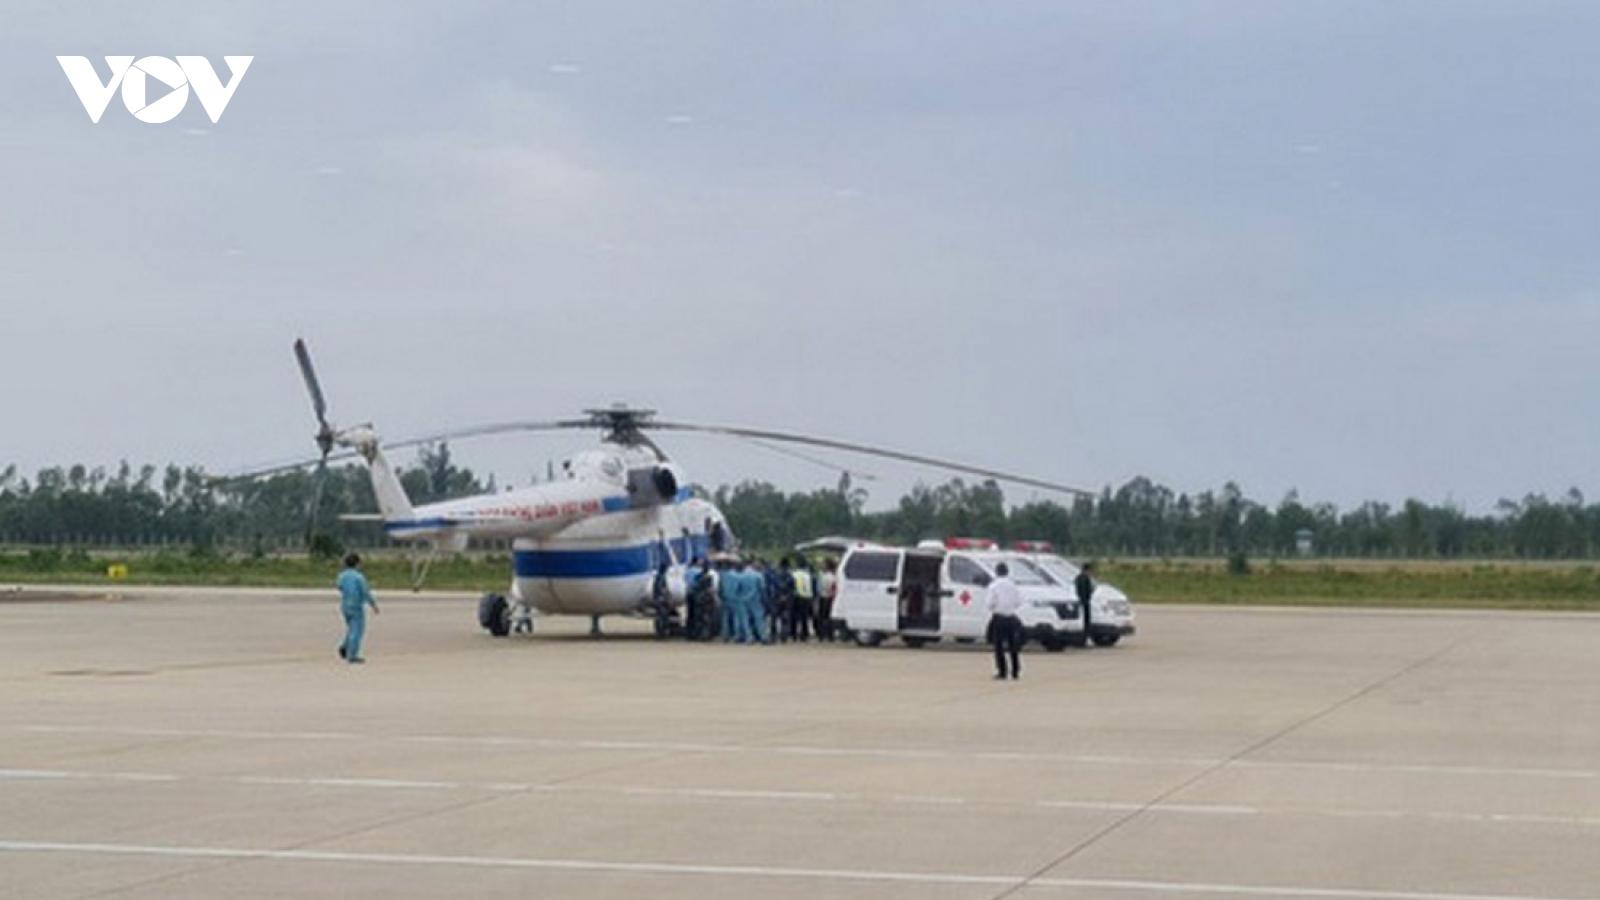 Trực thăng tiếp cận xã bị cô lập, đưa 2 người bị thương nặng đi cấp cứu